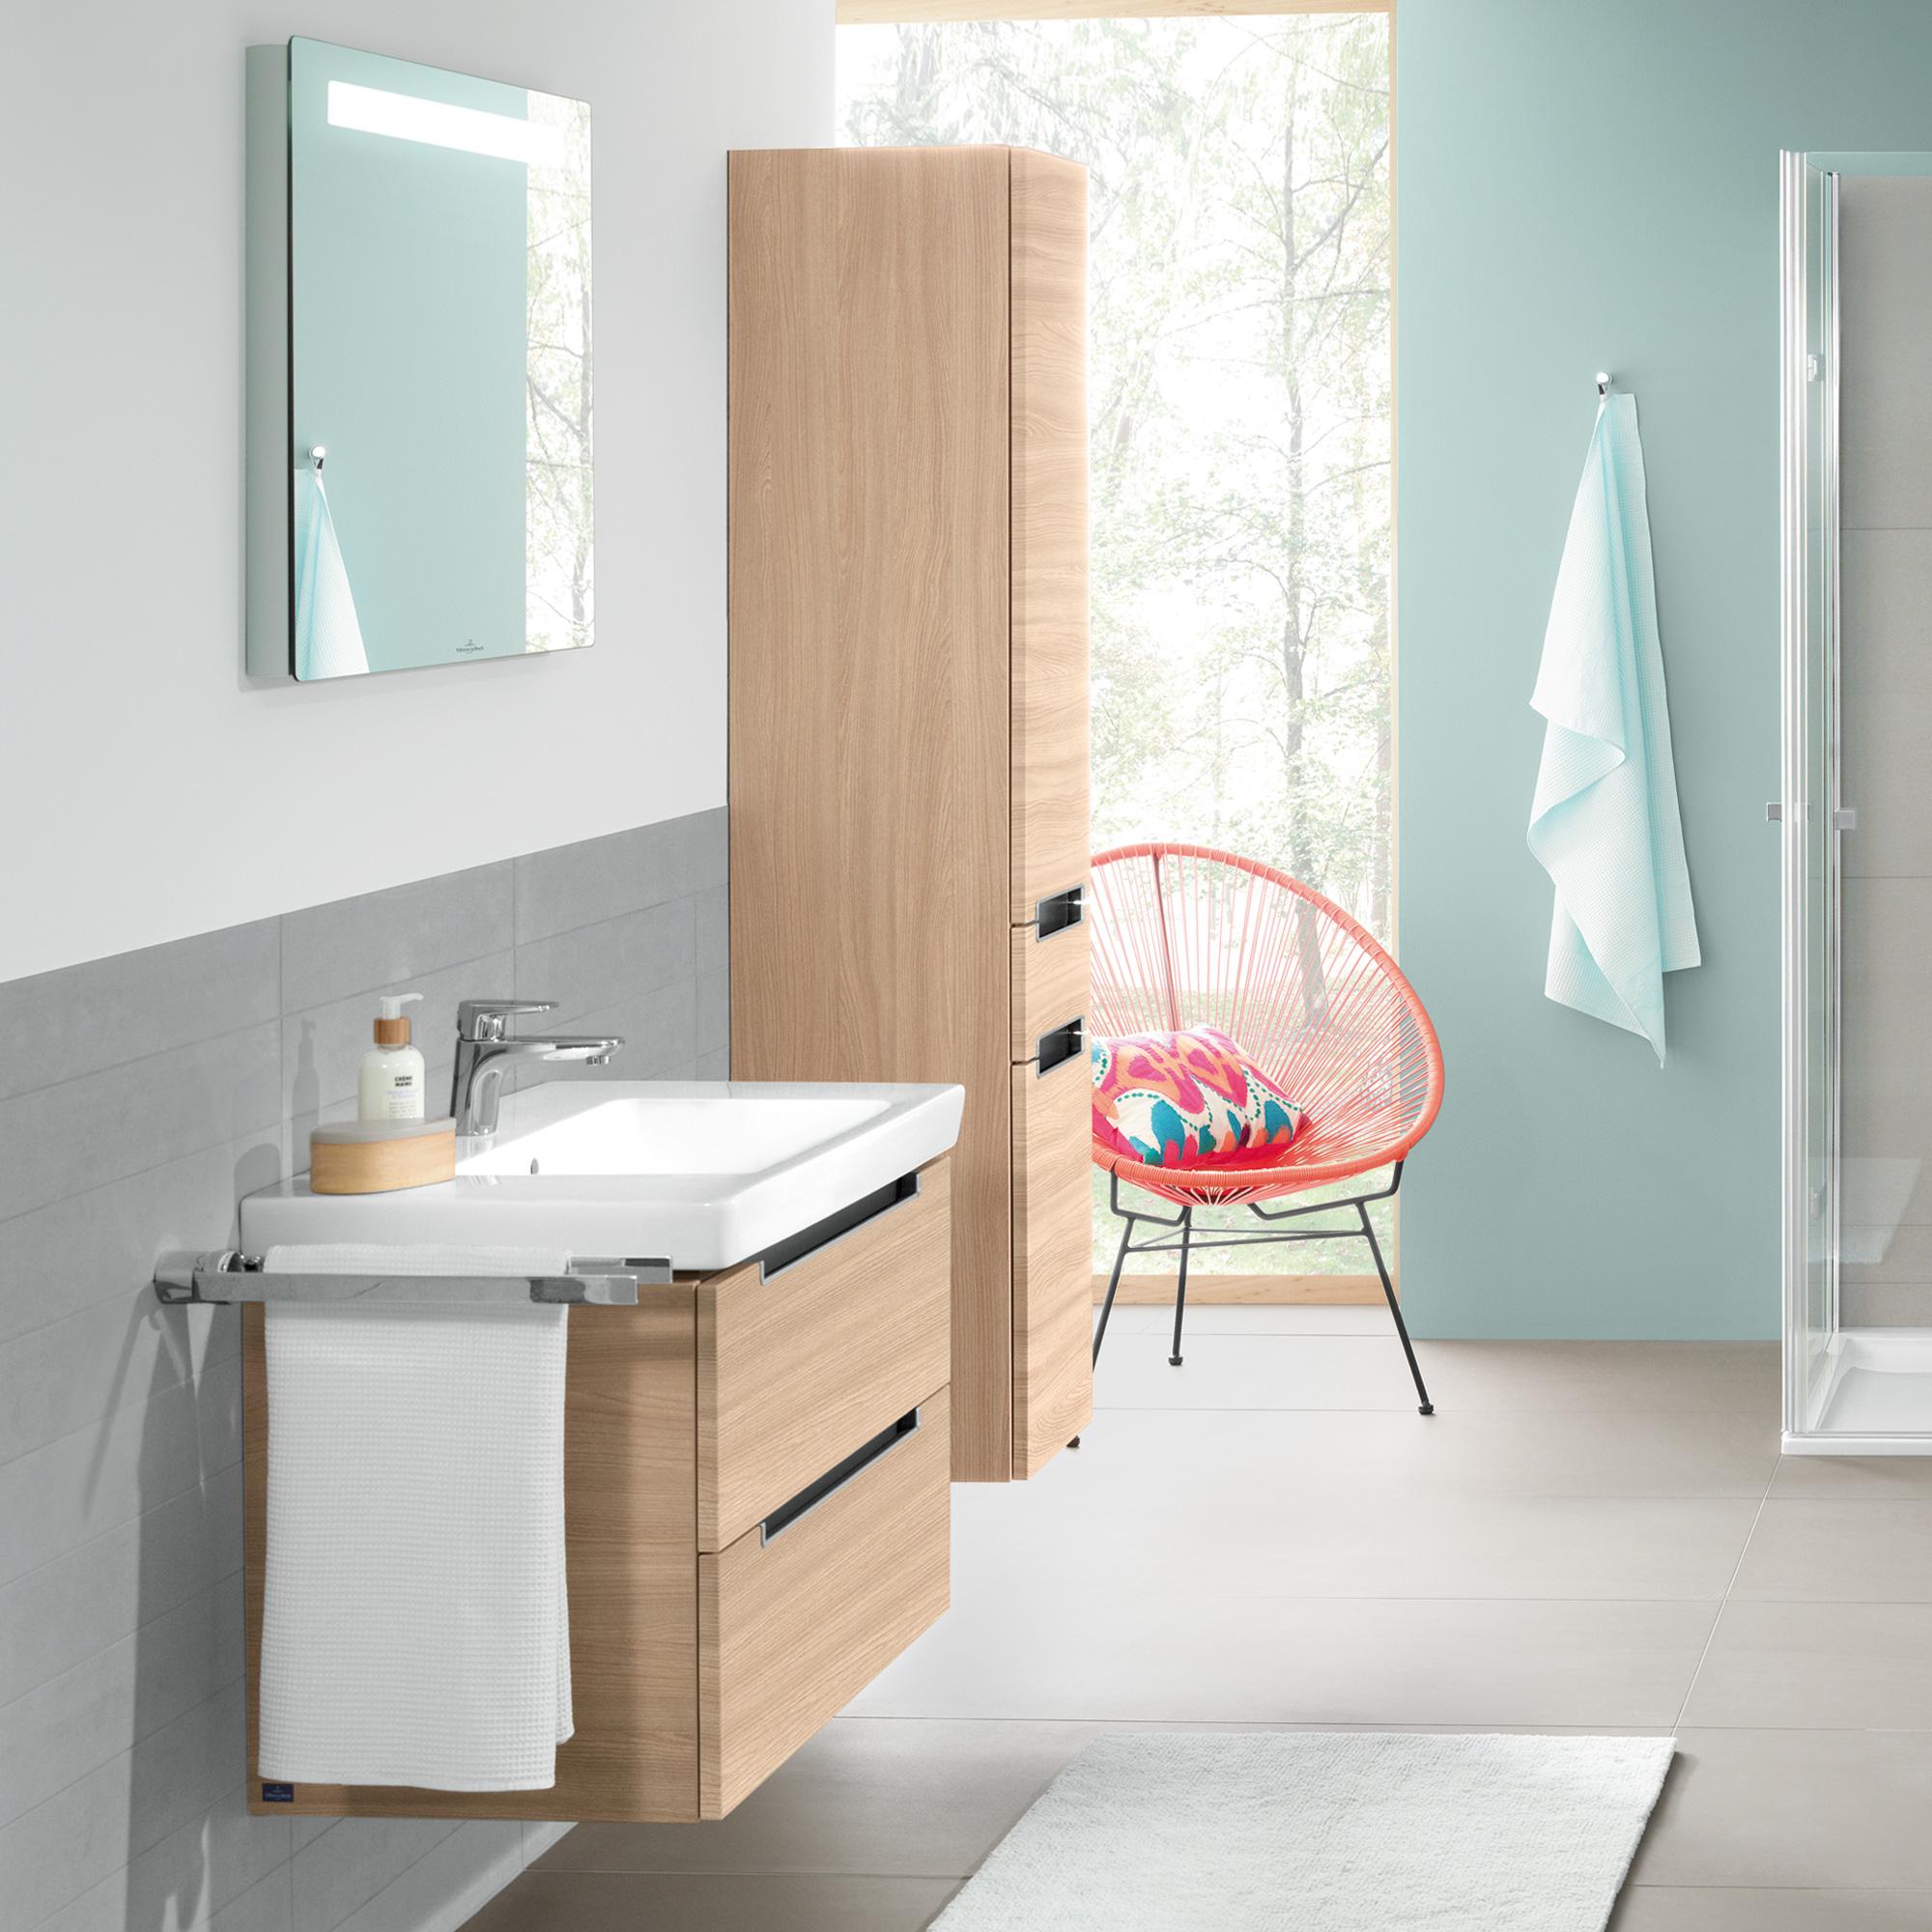 villeroy boch subway 2 0 waschtischunterschrank mit 2 ausz gen ulme impresso a69600pn. Black Bedroom Furniture Sets. Home Design Ideas